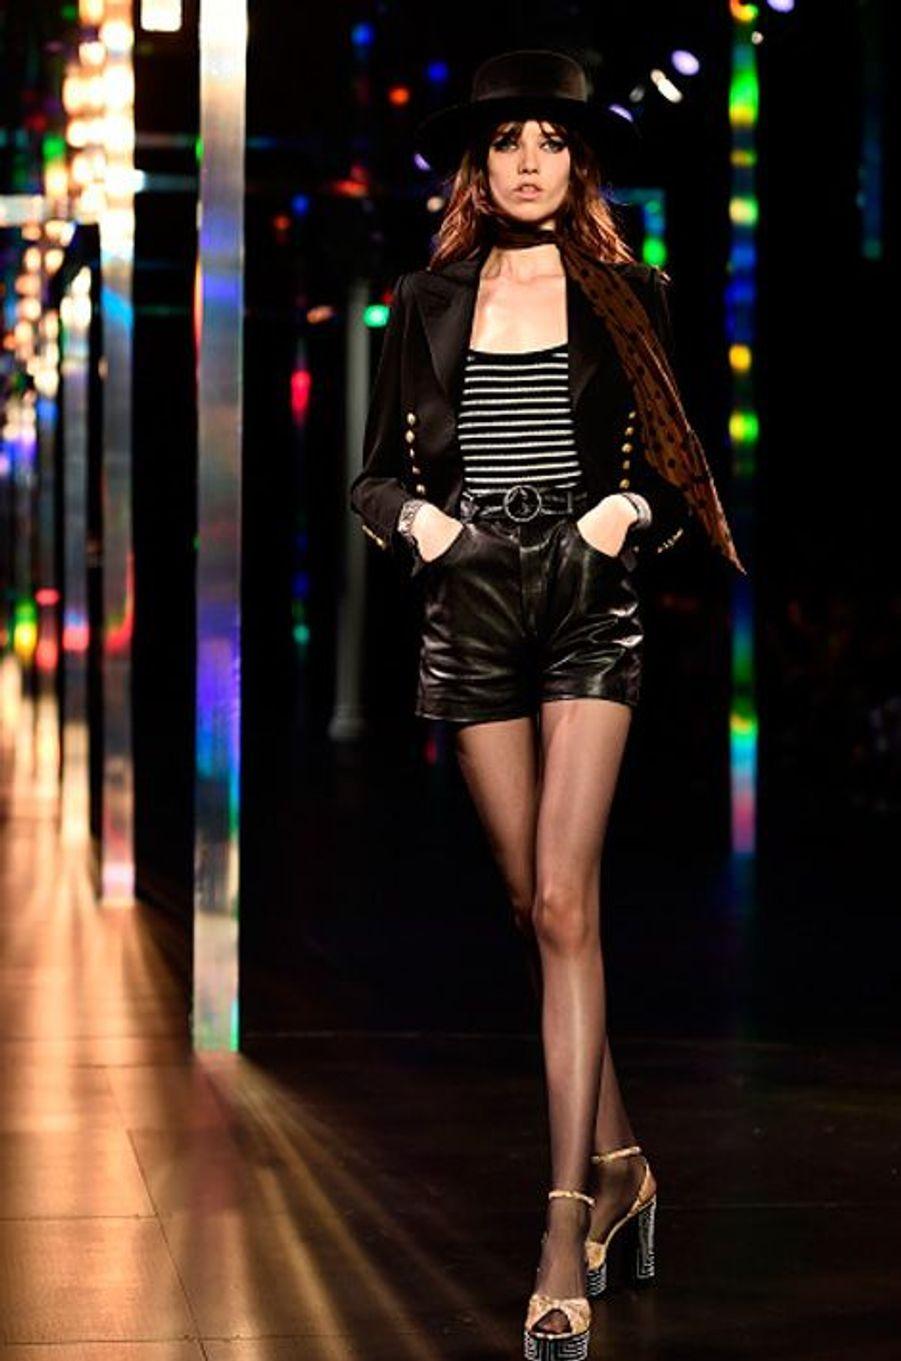 Le mouvement punk est la dernière altération de ces années 70 mais n'inspire que très peu les créateurs cette année. Le Jeans, le cuir, les clous, les résilles et autre épingles à nourrisse sont bel et bien de retour mais dans un esprit Glam-rock chic. Yves Saint Laurent modernise sa version avec cuir all over, perles d'argent et chapeaux à formes. Calvin Klein et Balenciaga anoblissent l'allure résilles et cuir dans des robes féminines et chics tandis que Givenchy et Giorgio Armani misent sur les accessoires: piercings et boucles d'oreilles en épingles à nourrice. De manière littérale, on peut ressortir son bon vieux perfecto et rechausser ses doc Martens. Pour plus de raffinement on use d'accessoires. Foulards noués, pièces métalliques et badges sur les sacs, écussons et veste en jeans abîmés, chapeaux et mêmes des chaussettes cloutées.